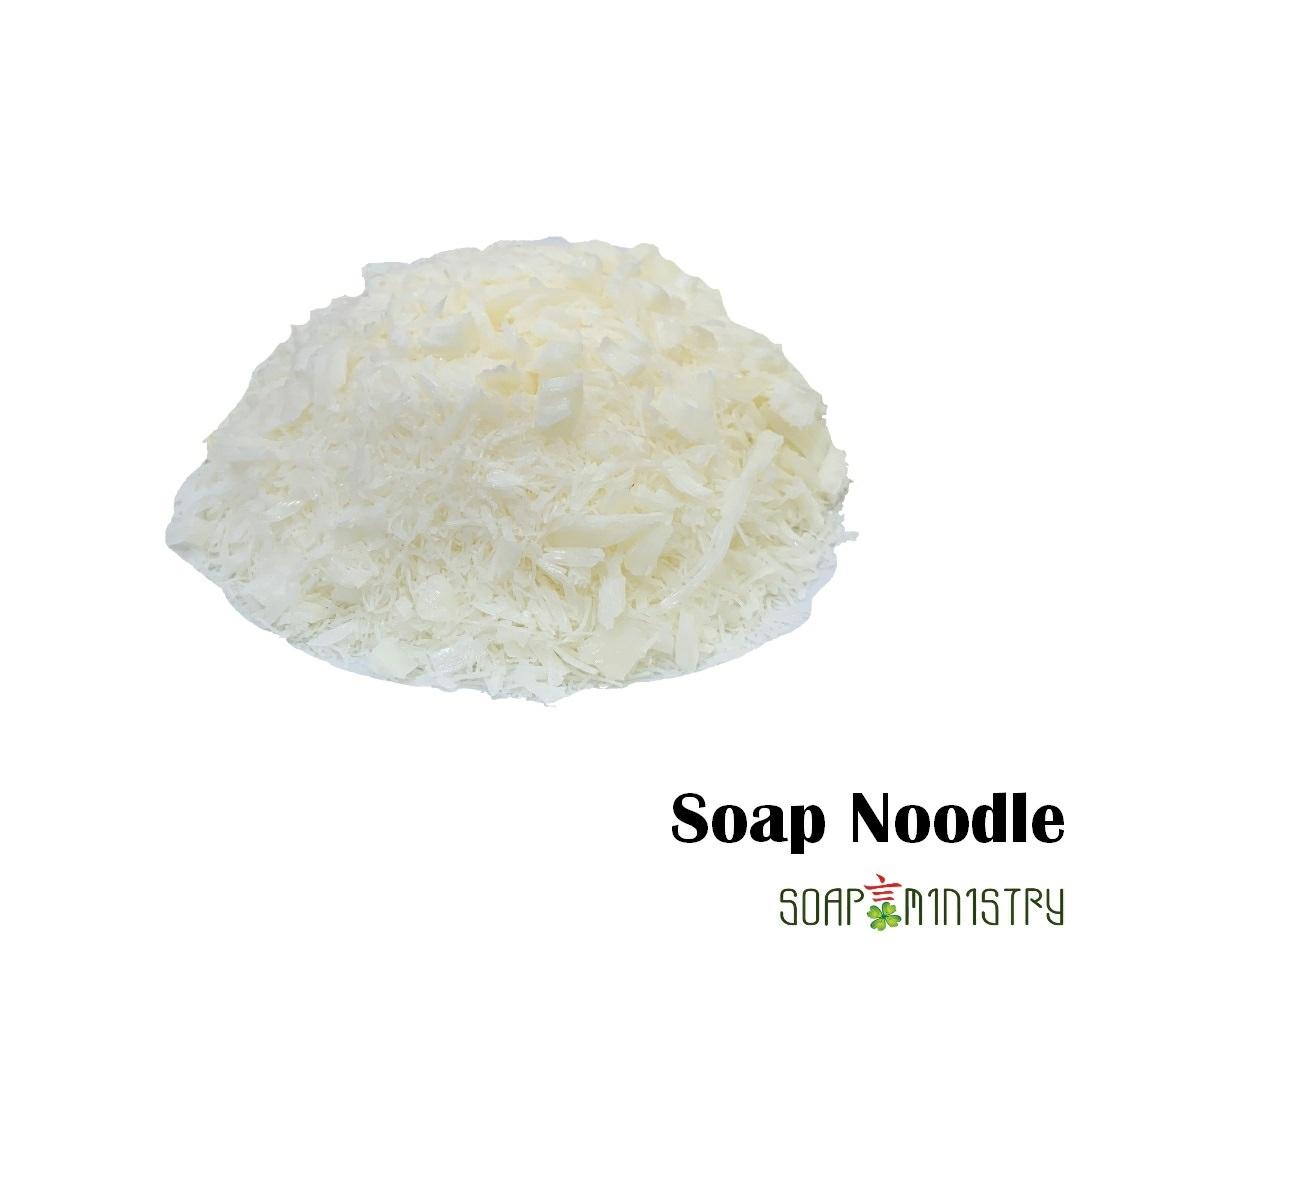 Soap Noodle 1kg